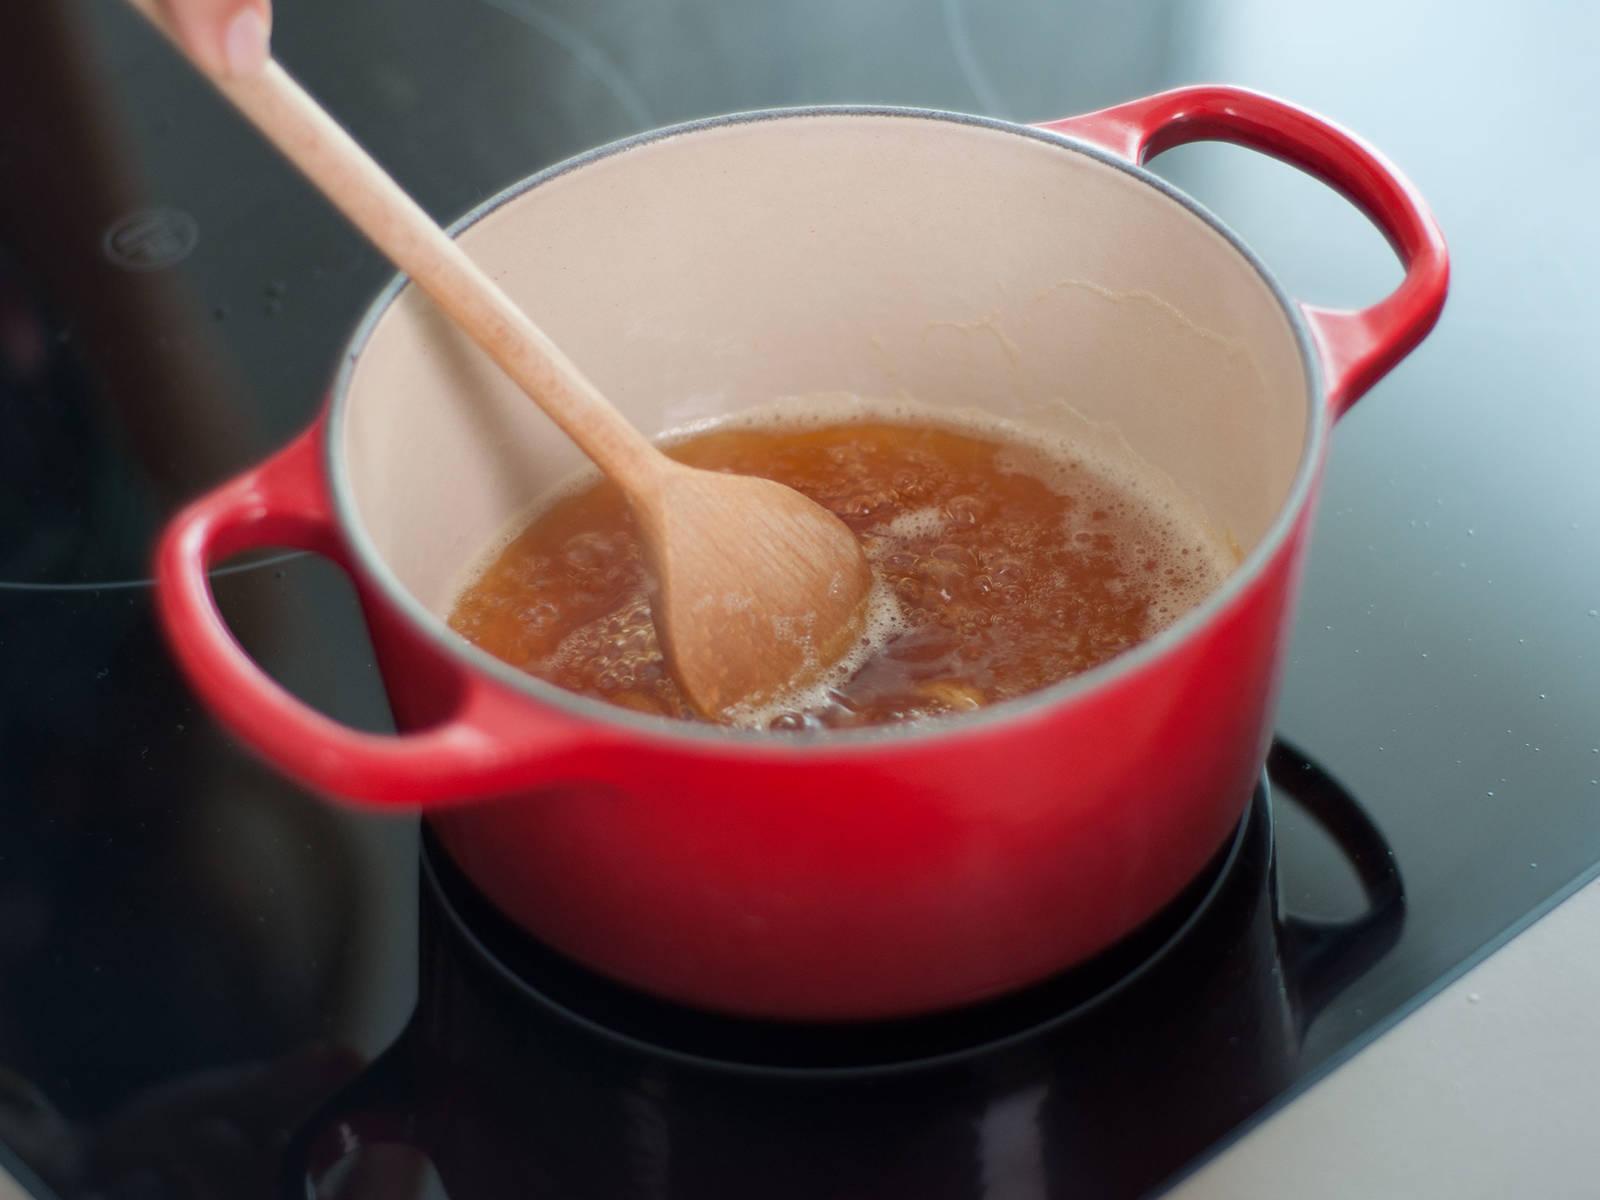 In einem kleinen Topf Zucker bei mittlerer Hitze karamellisieren lassen, bis er eindickt und die Farbe von Bernstein annimmt. Mit Zitronensaft ablöschen.